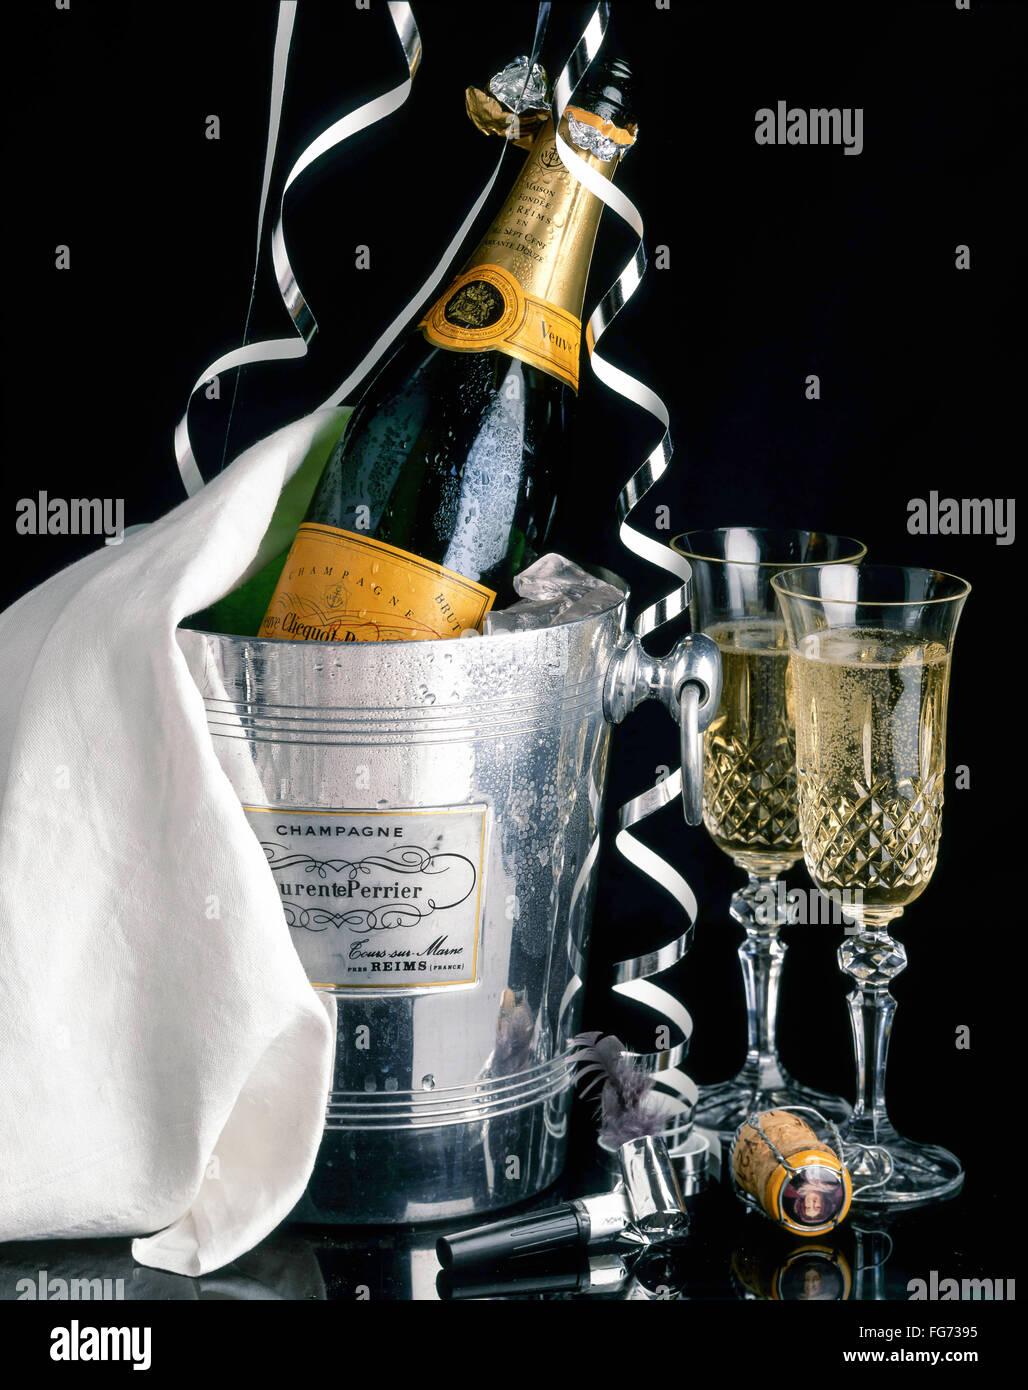 Veuve Clicquot champagne nel secchiello ghiaccio con stelle filanti e bicchieri di cristallo, London, England, Regno Immagini Stock